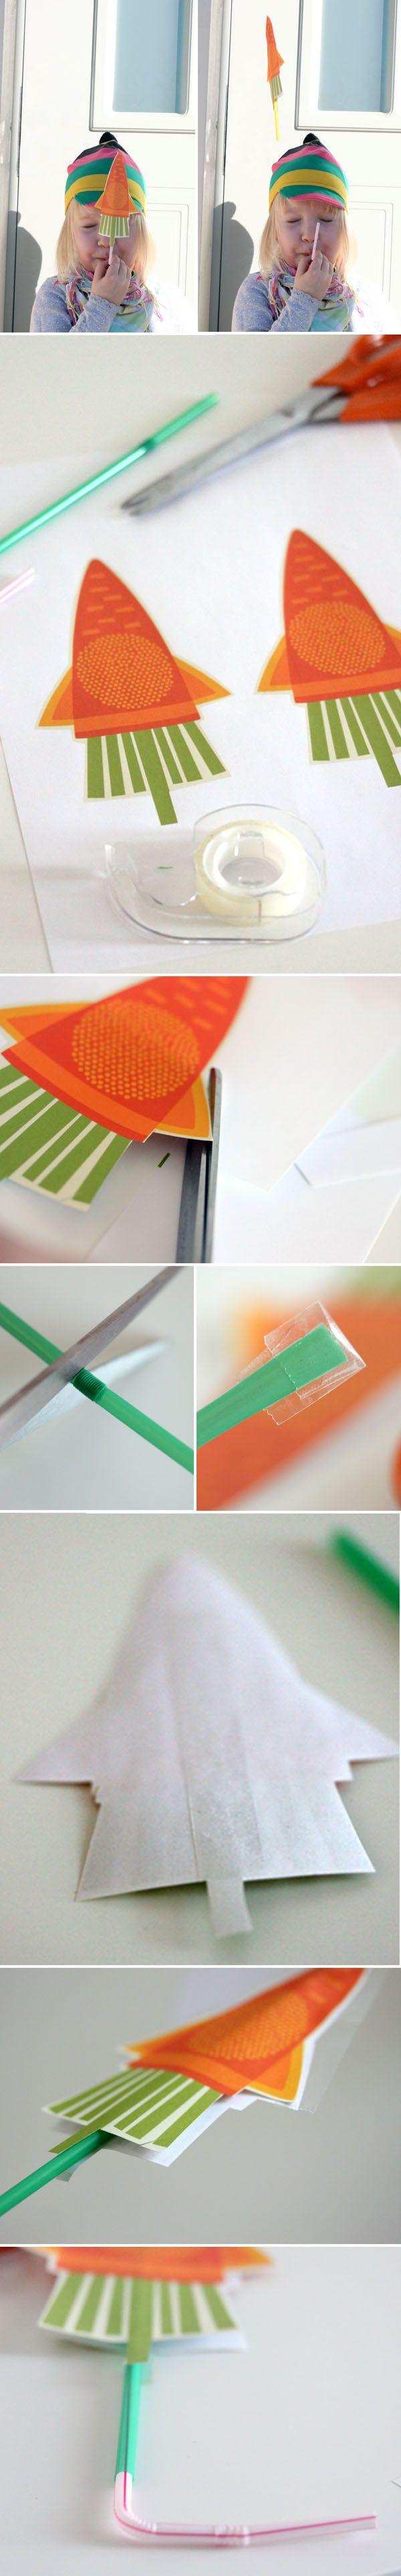 Porkkanaraketti. lasten | askartelu | pääsiäinen | käsityöt | koti | paperi | DIY ideas | kid crafts | Easter | home | paper crafts | Pikku Kakkonen